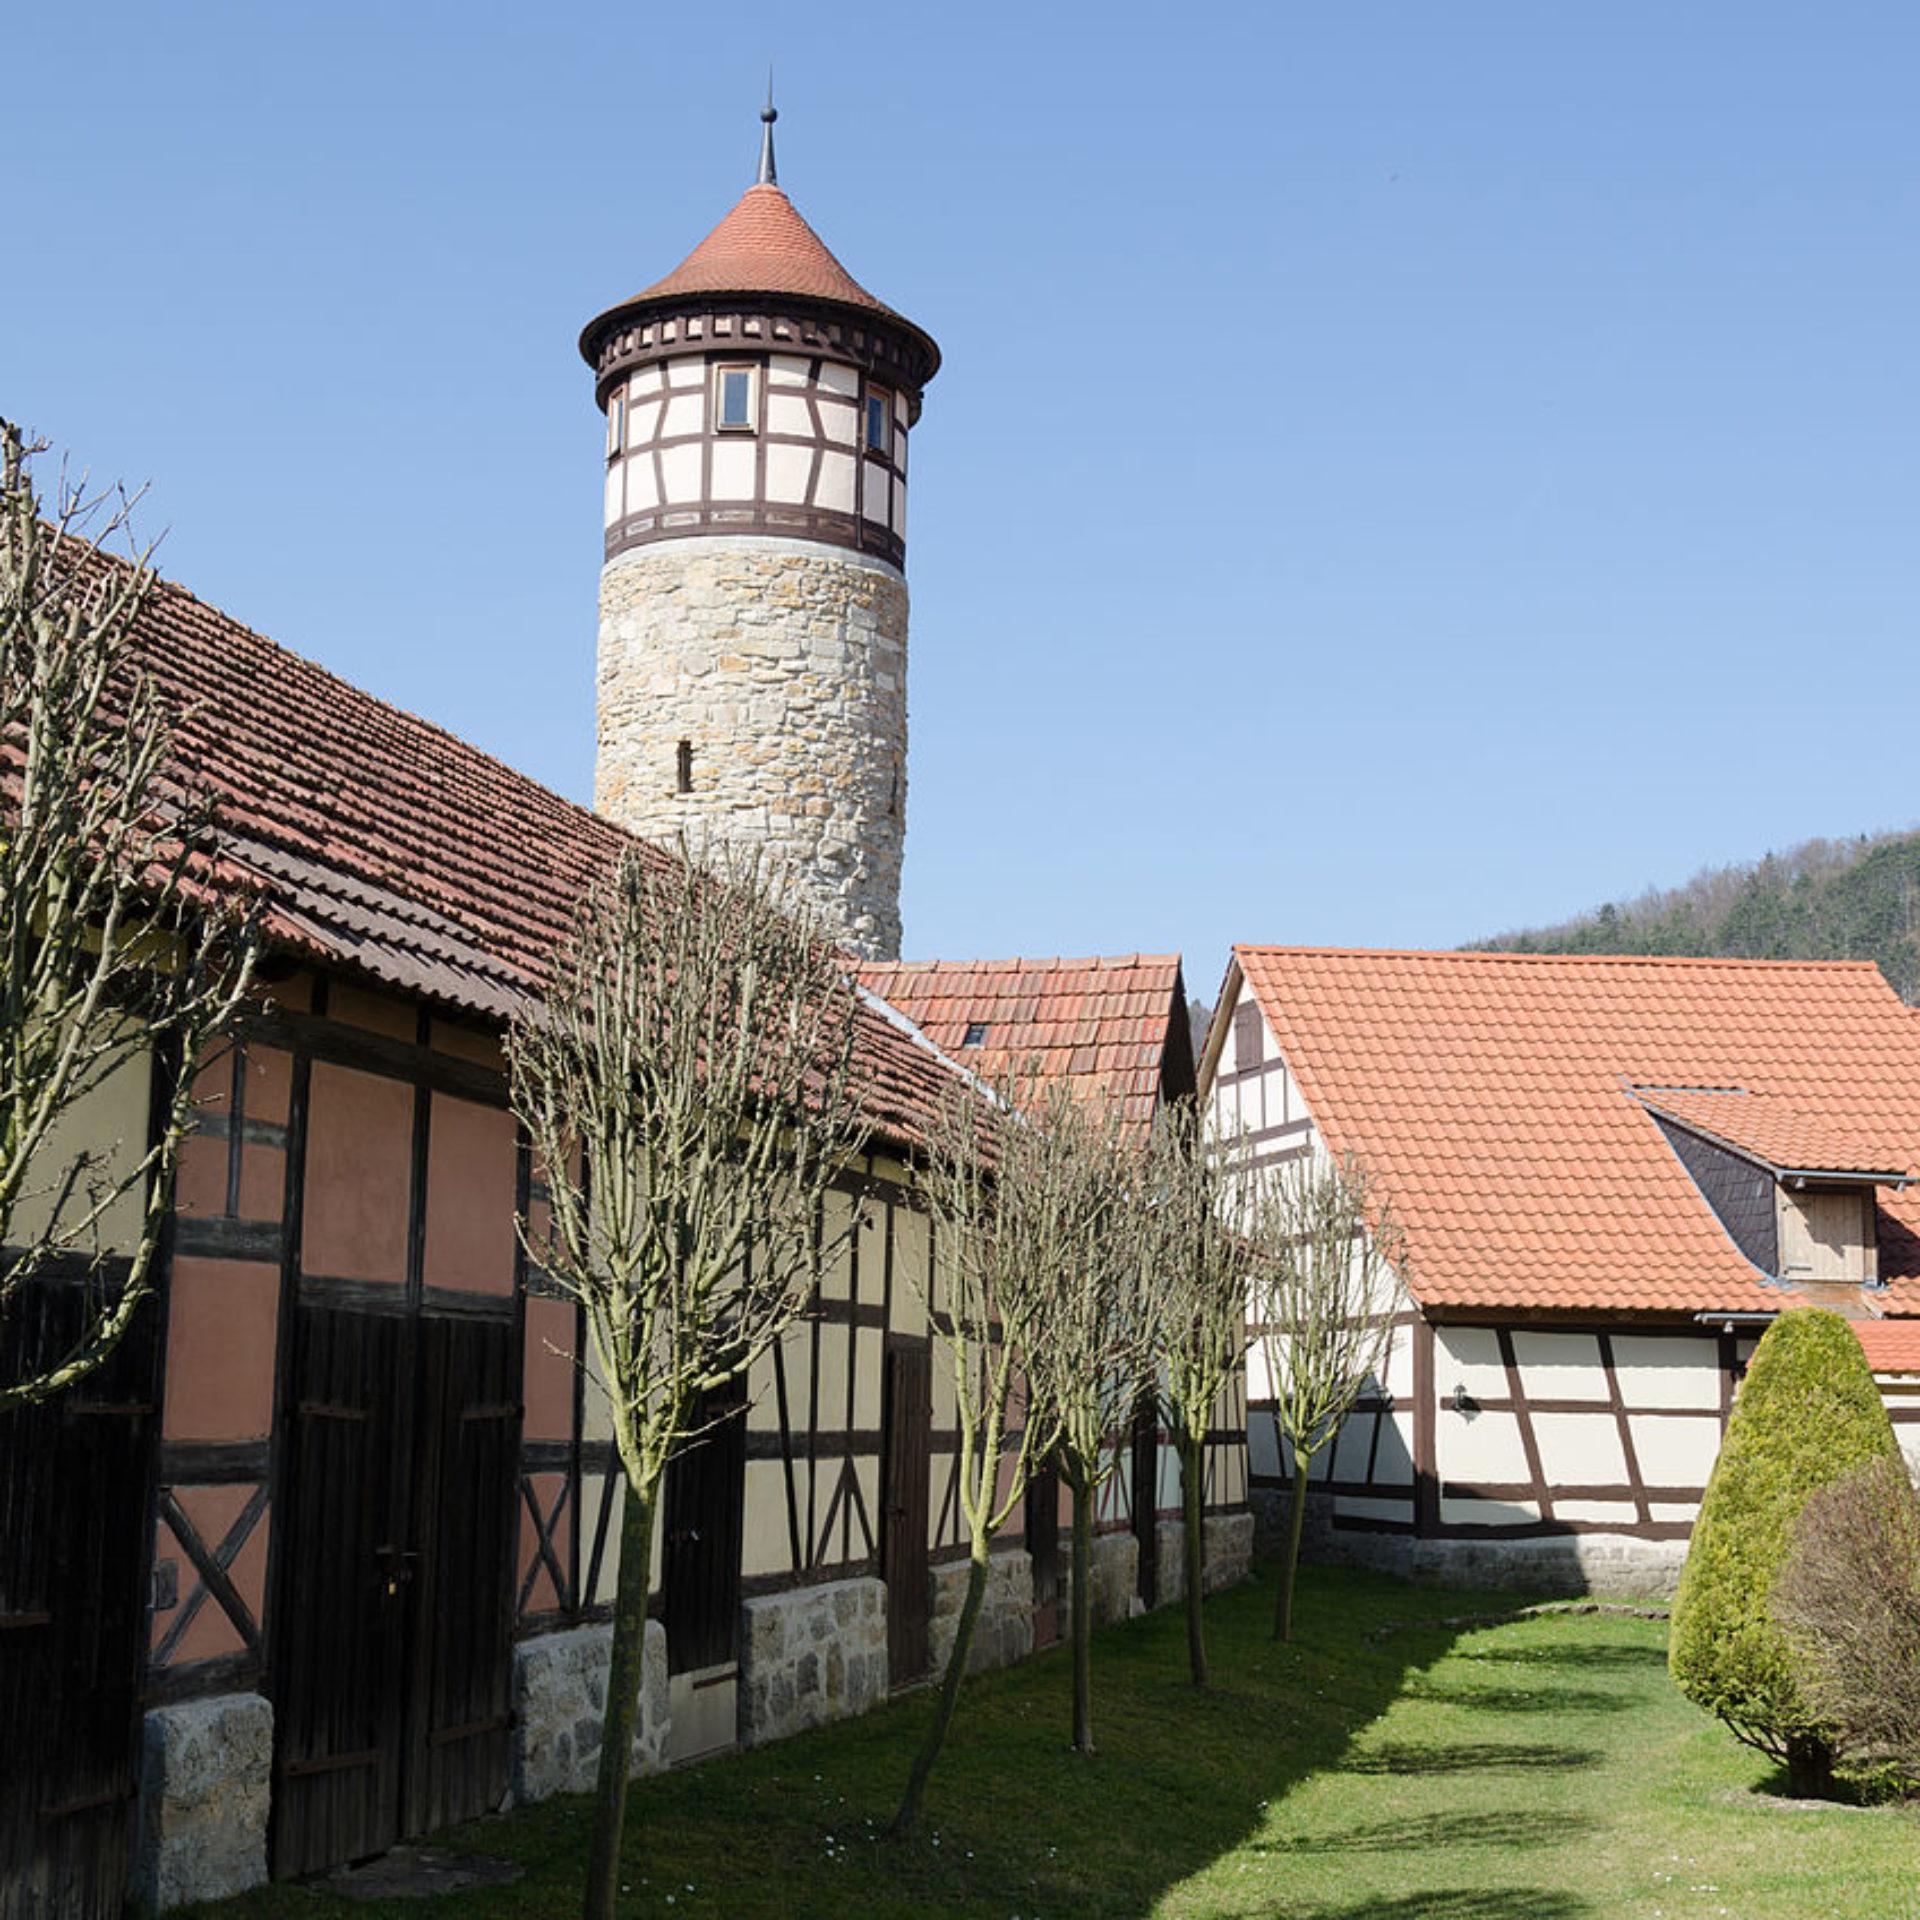 Kirchenburganlage mit Hutturm in Vachdorf